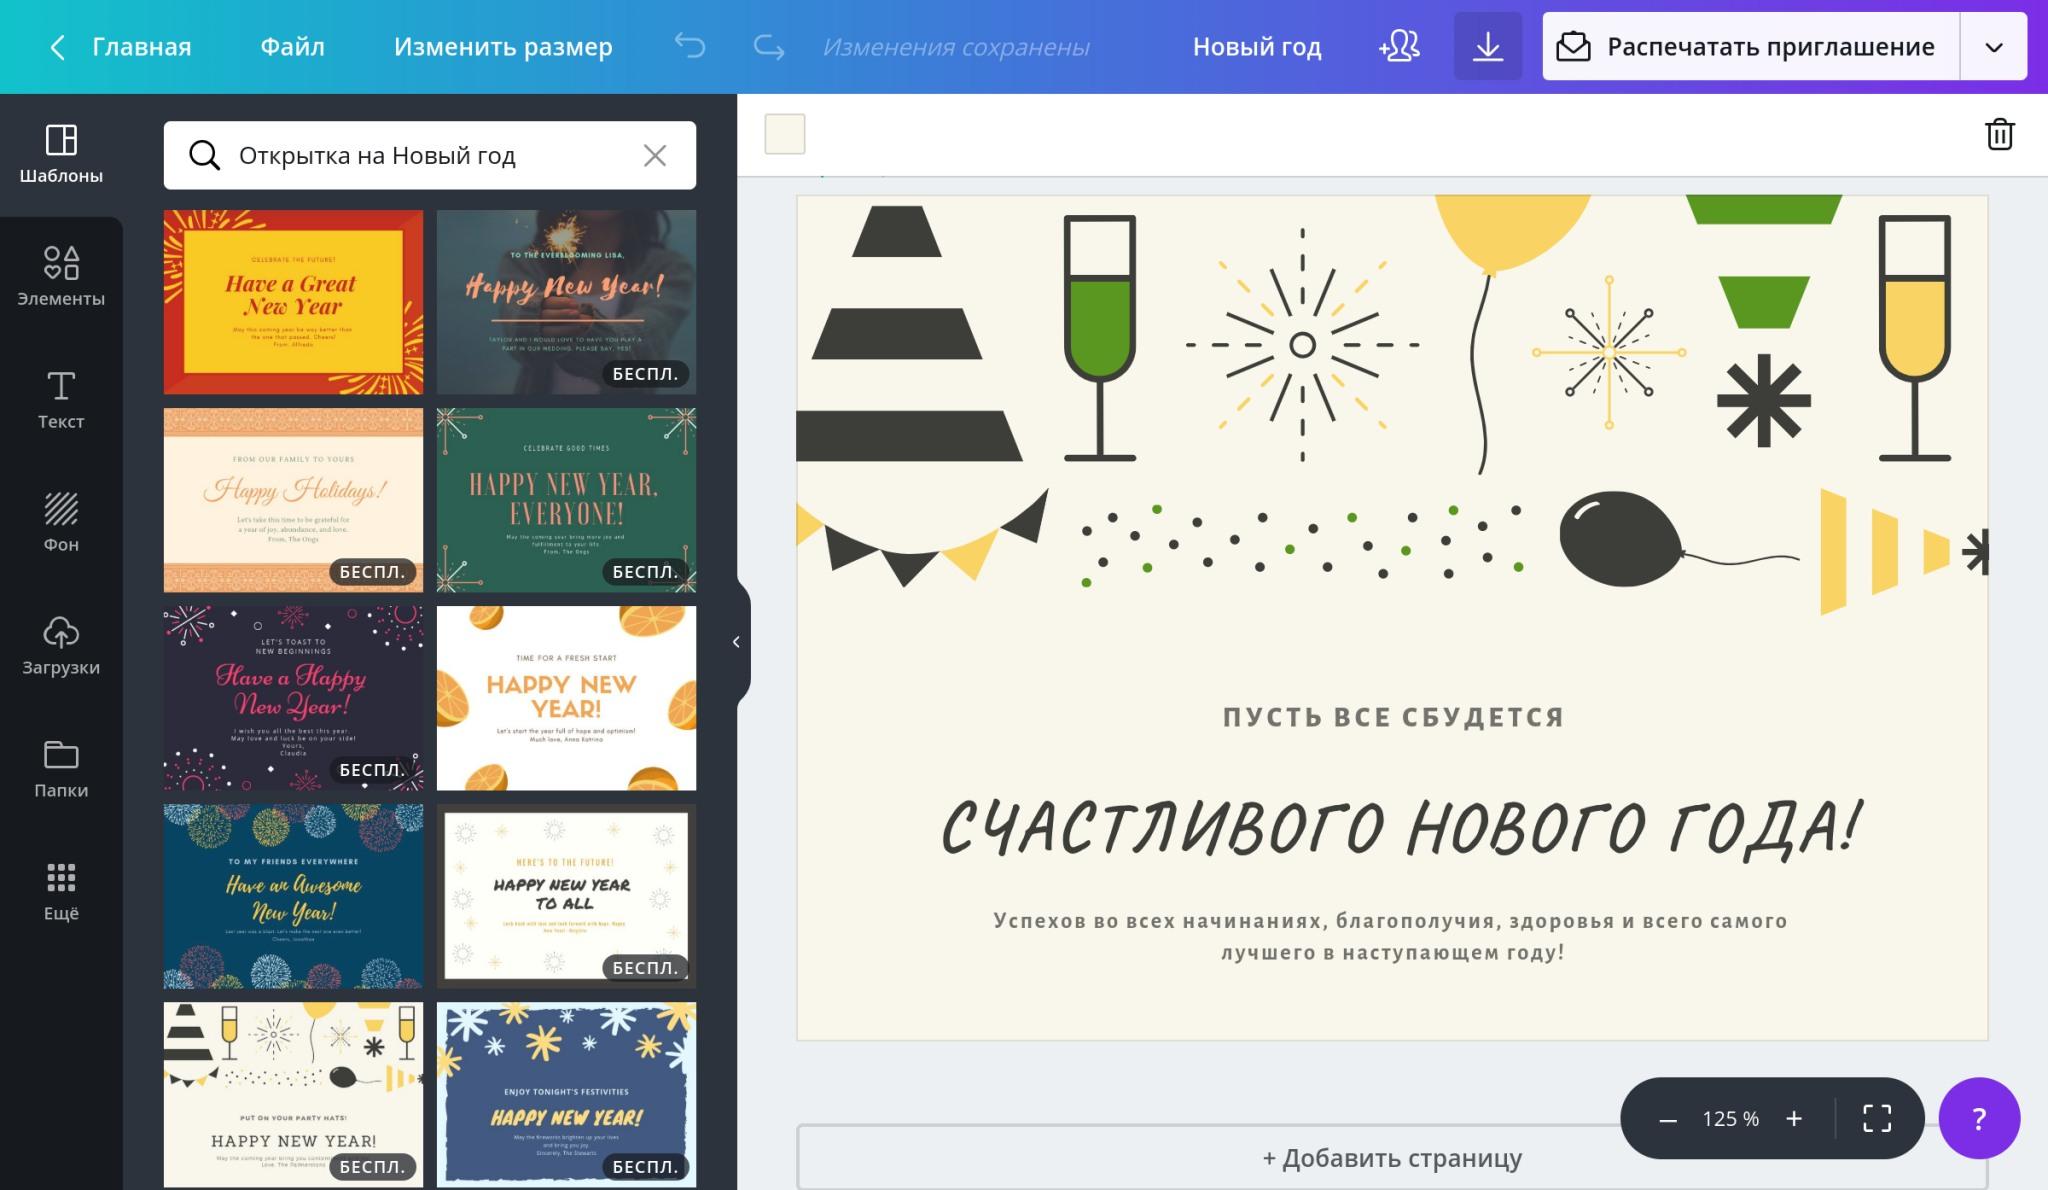 Создание новогодней открытки на русском языке в Canva